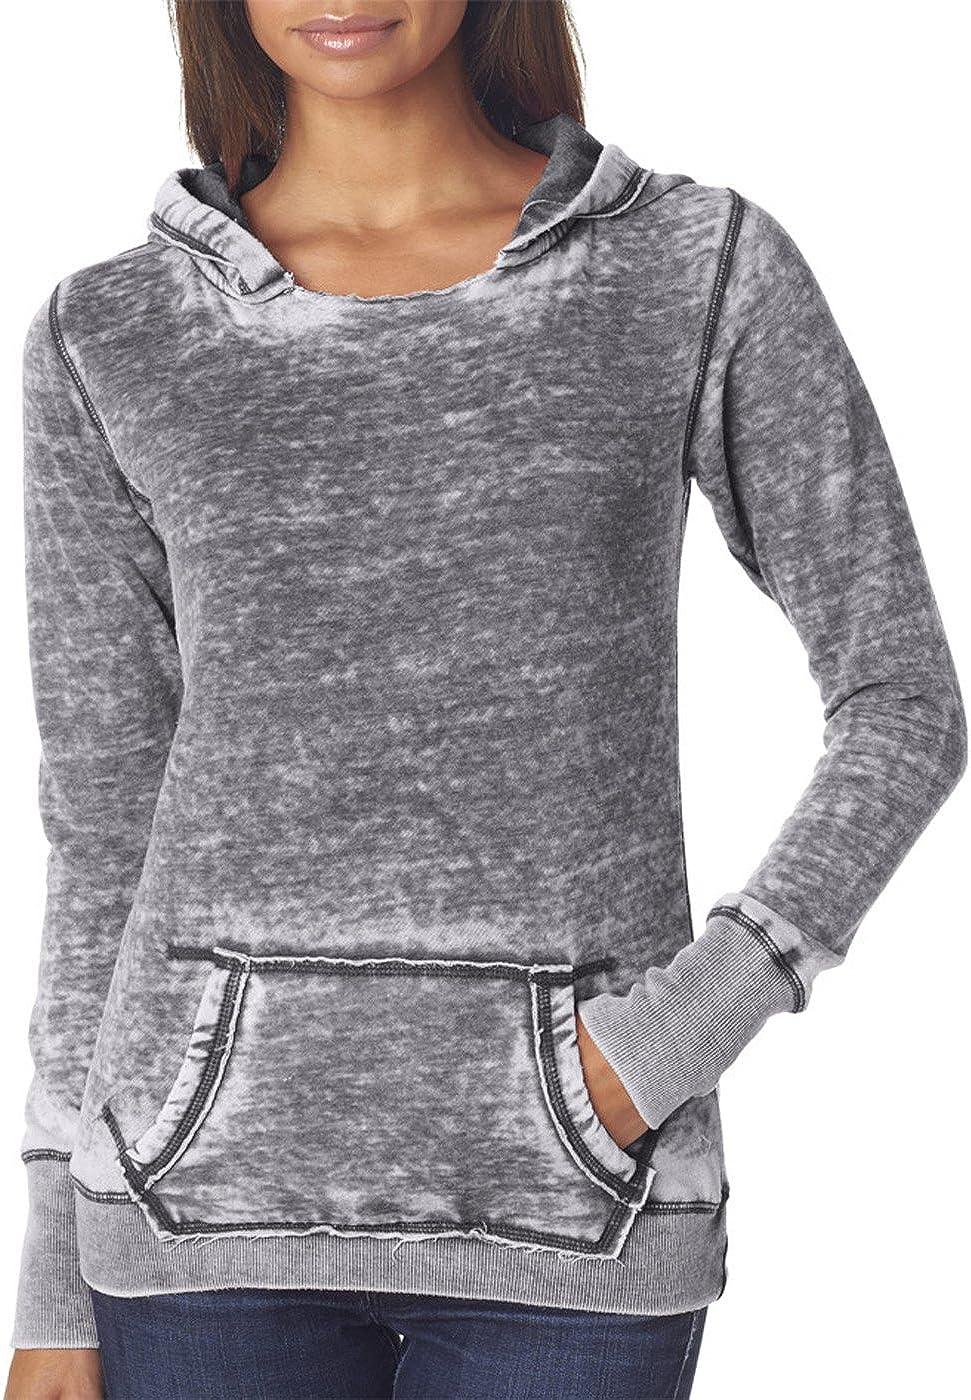 J. America Women's Ladies Zen Pullover Hooded Sweatshirt